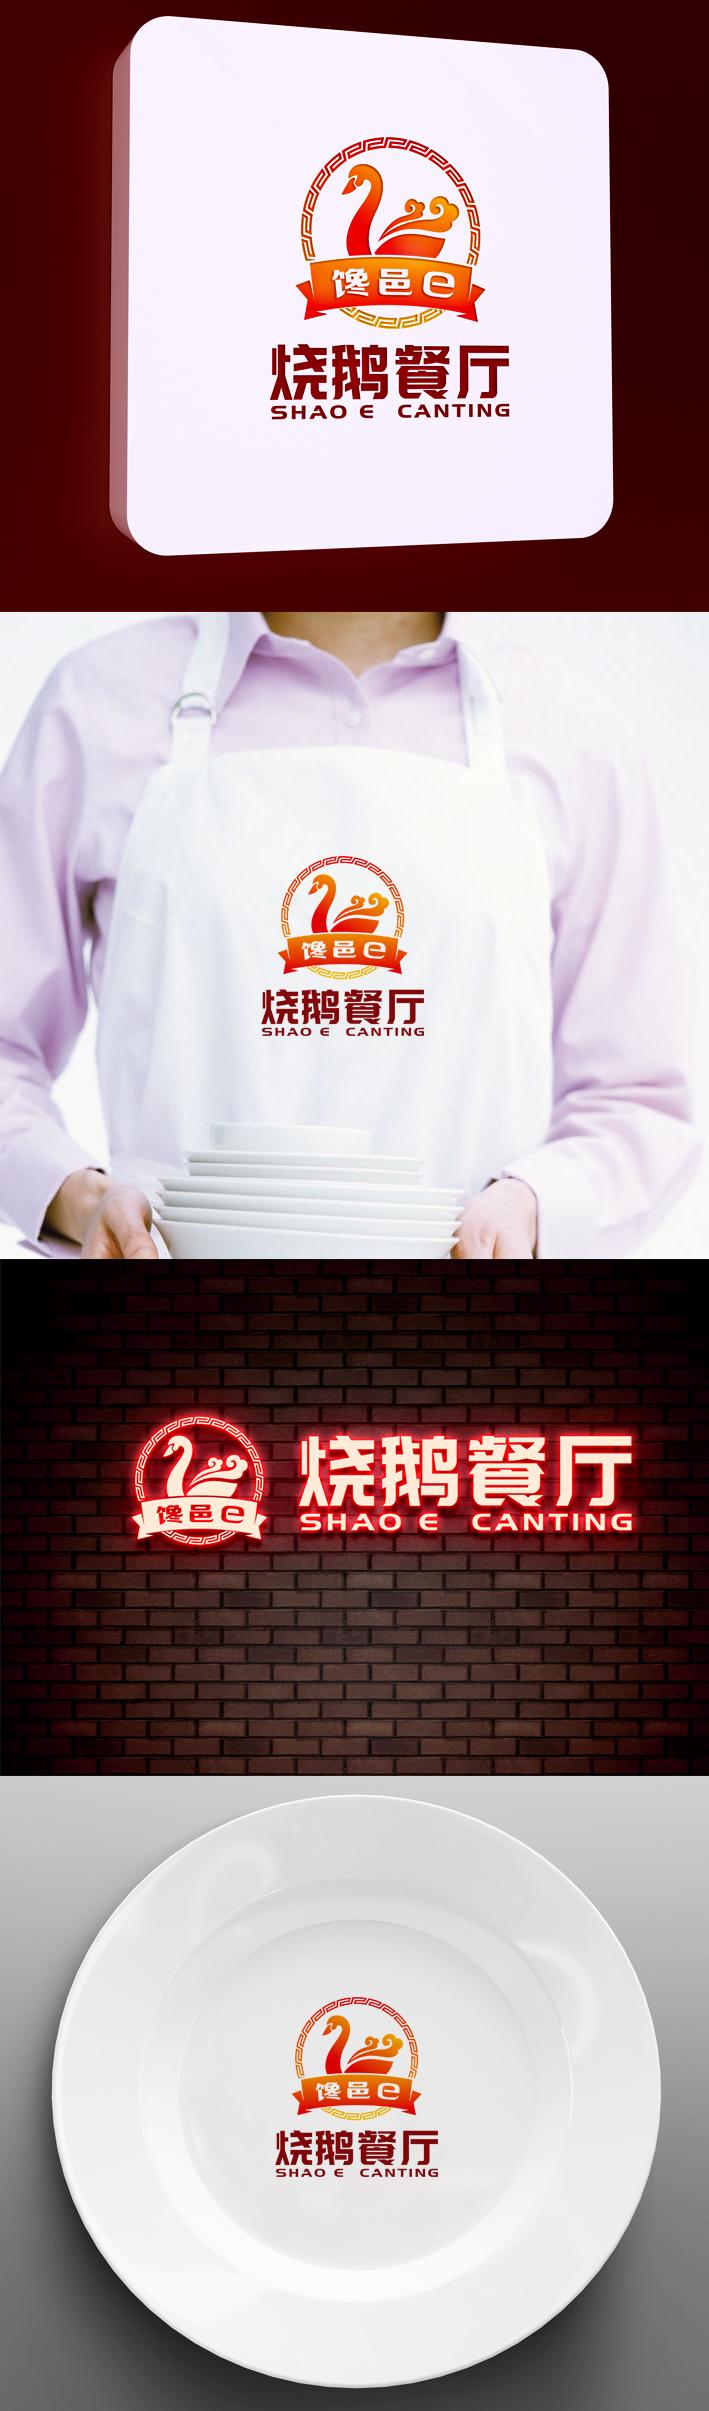 商标Logo设计_3033162_k68威客网